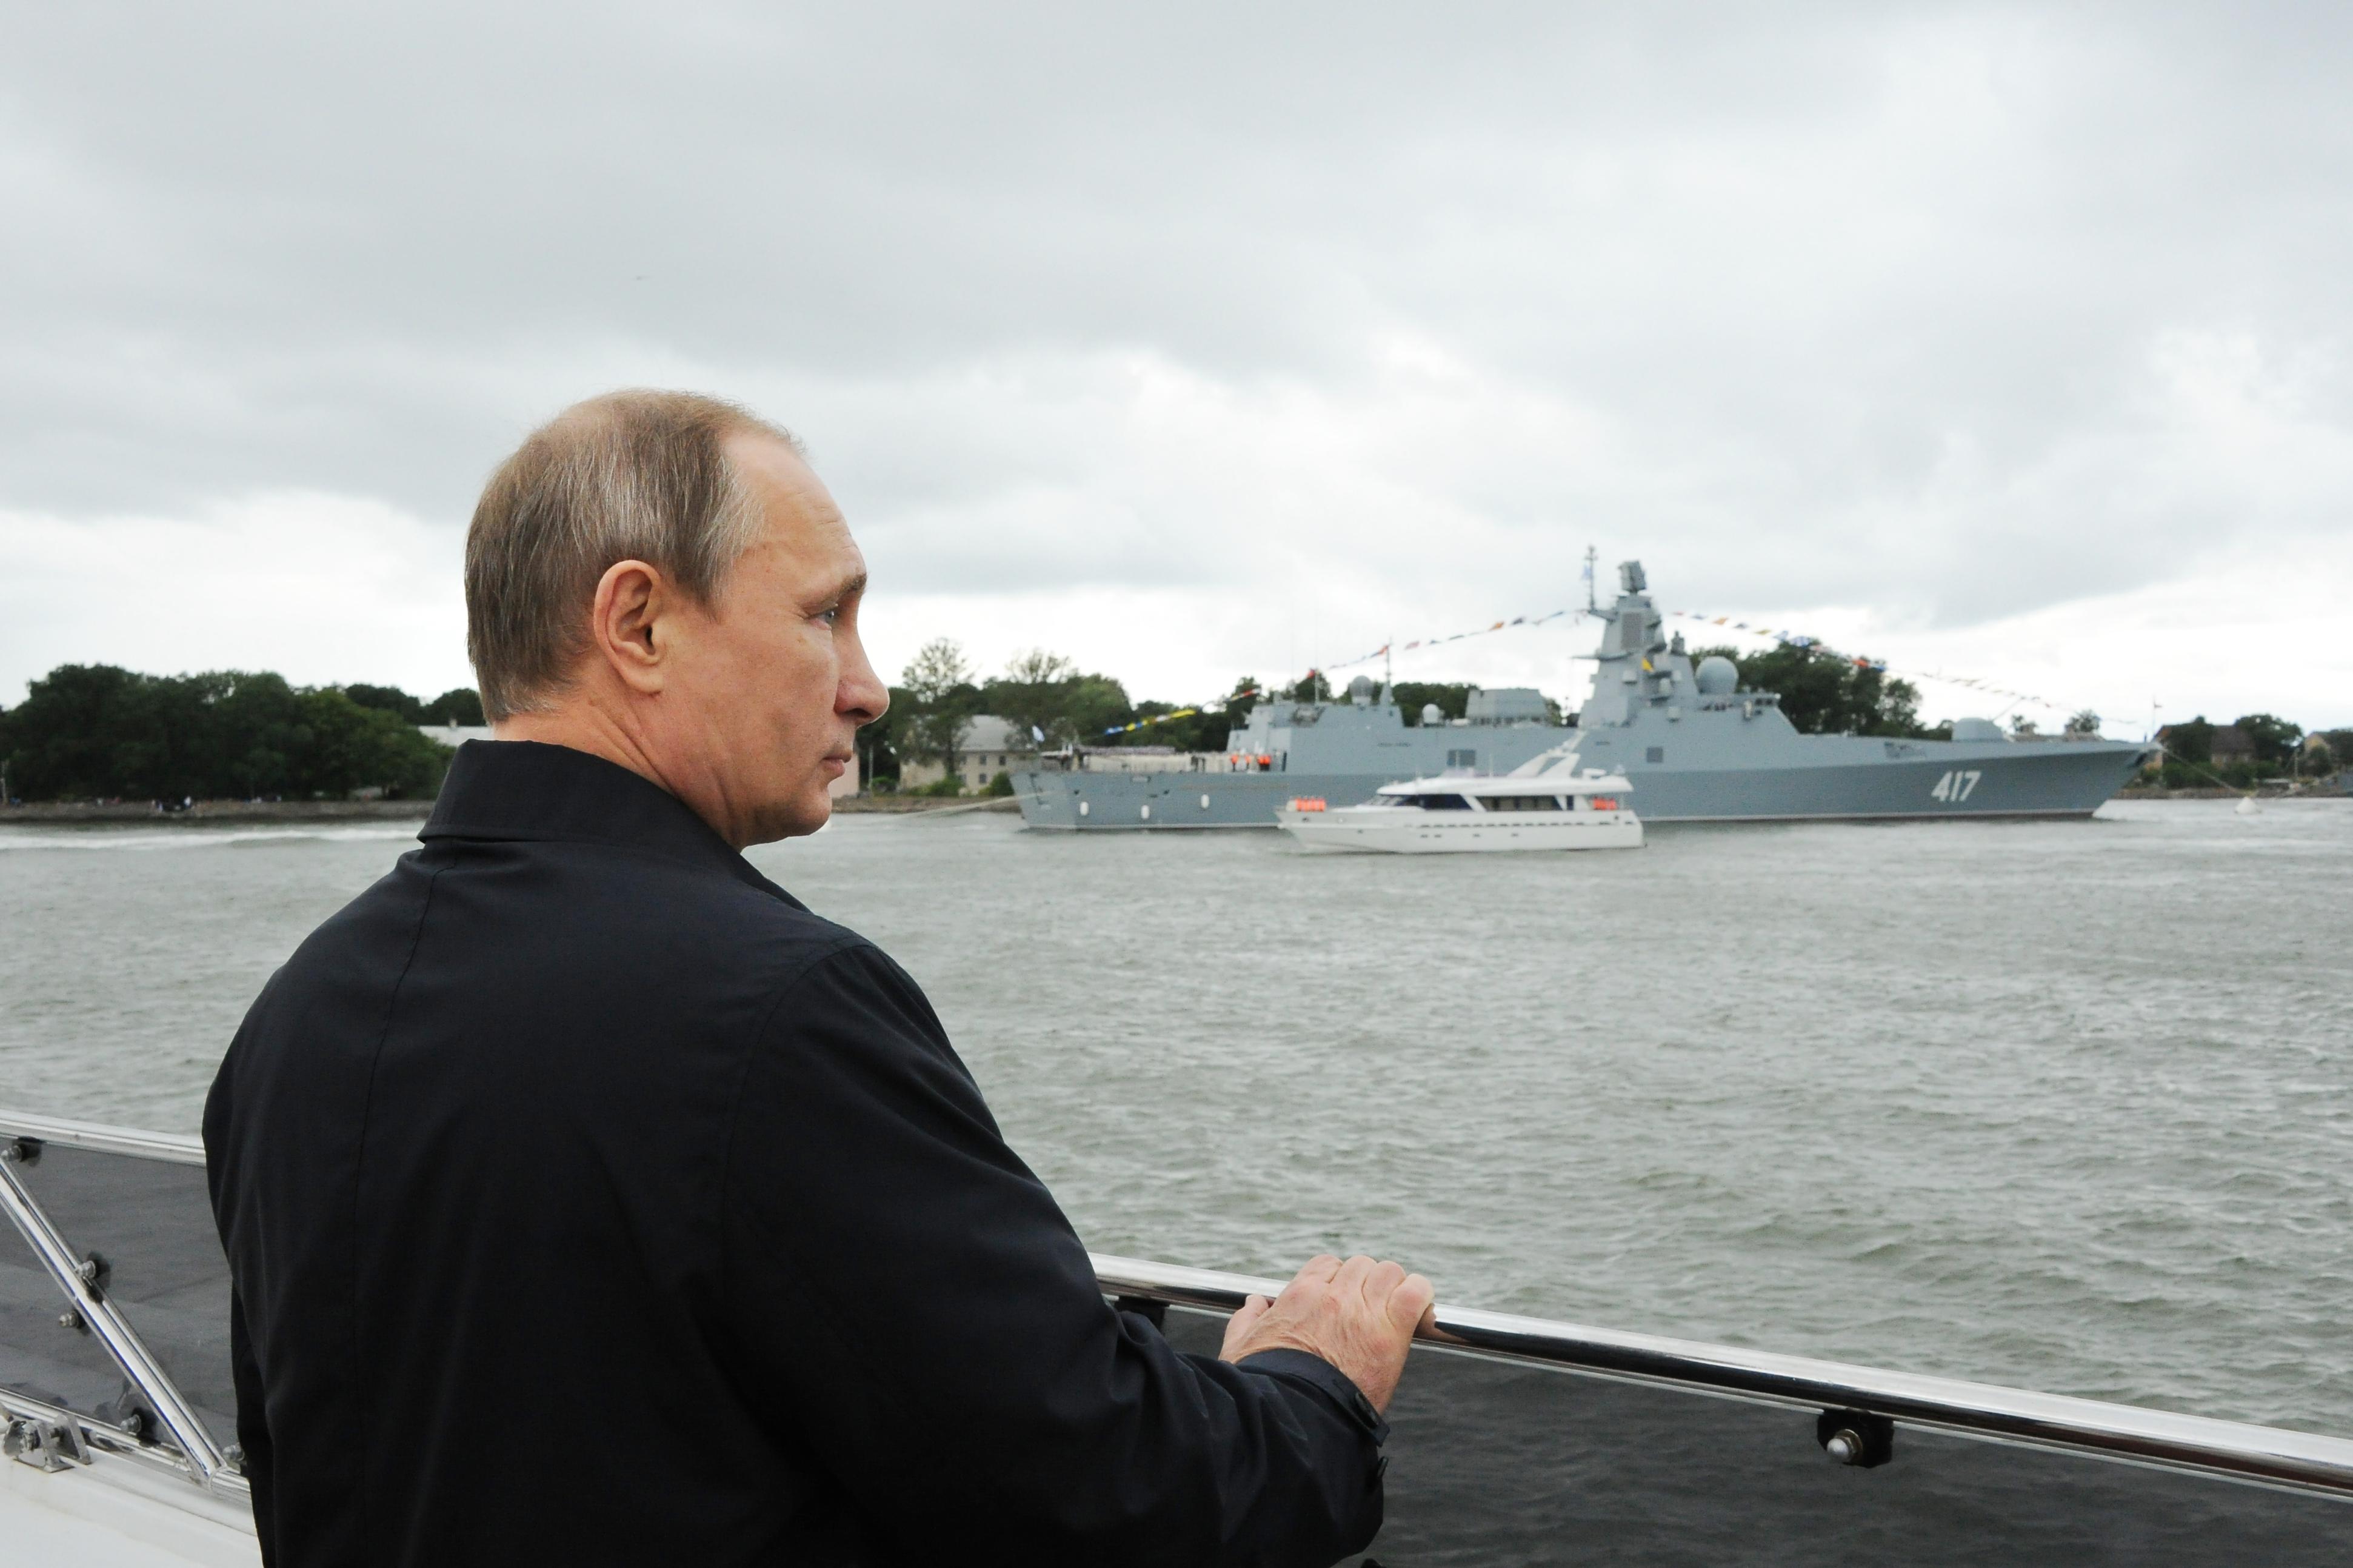 Putyin: Abszolút nyilvánvaló tény, hogy az ukránok provokáltak a Fekete-tengeren, hogy növeljék Porosenko támogatottságát